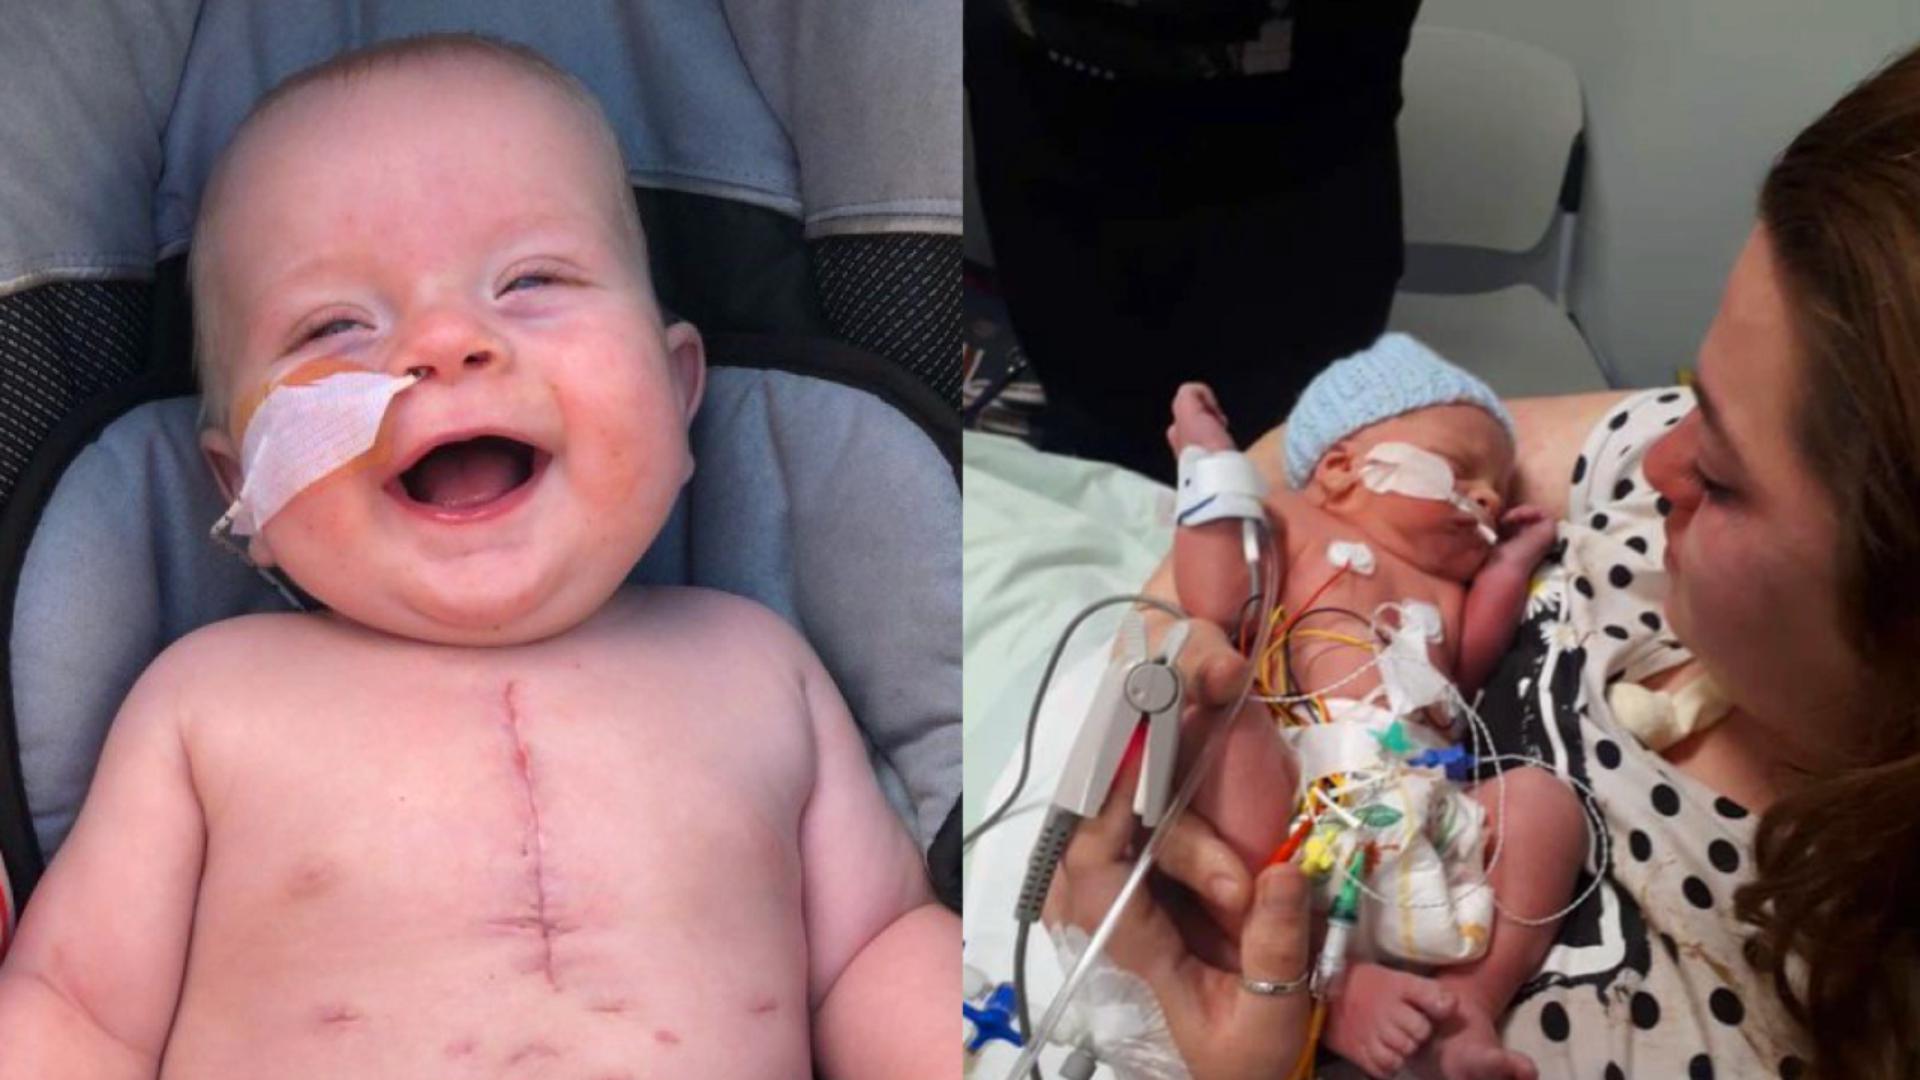 奇迹!英国一男婴患有严重的心脏缺陷 移植小牛心脏瓣膜获新生